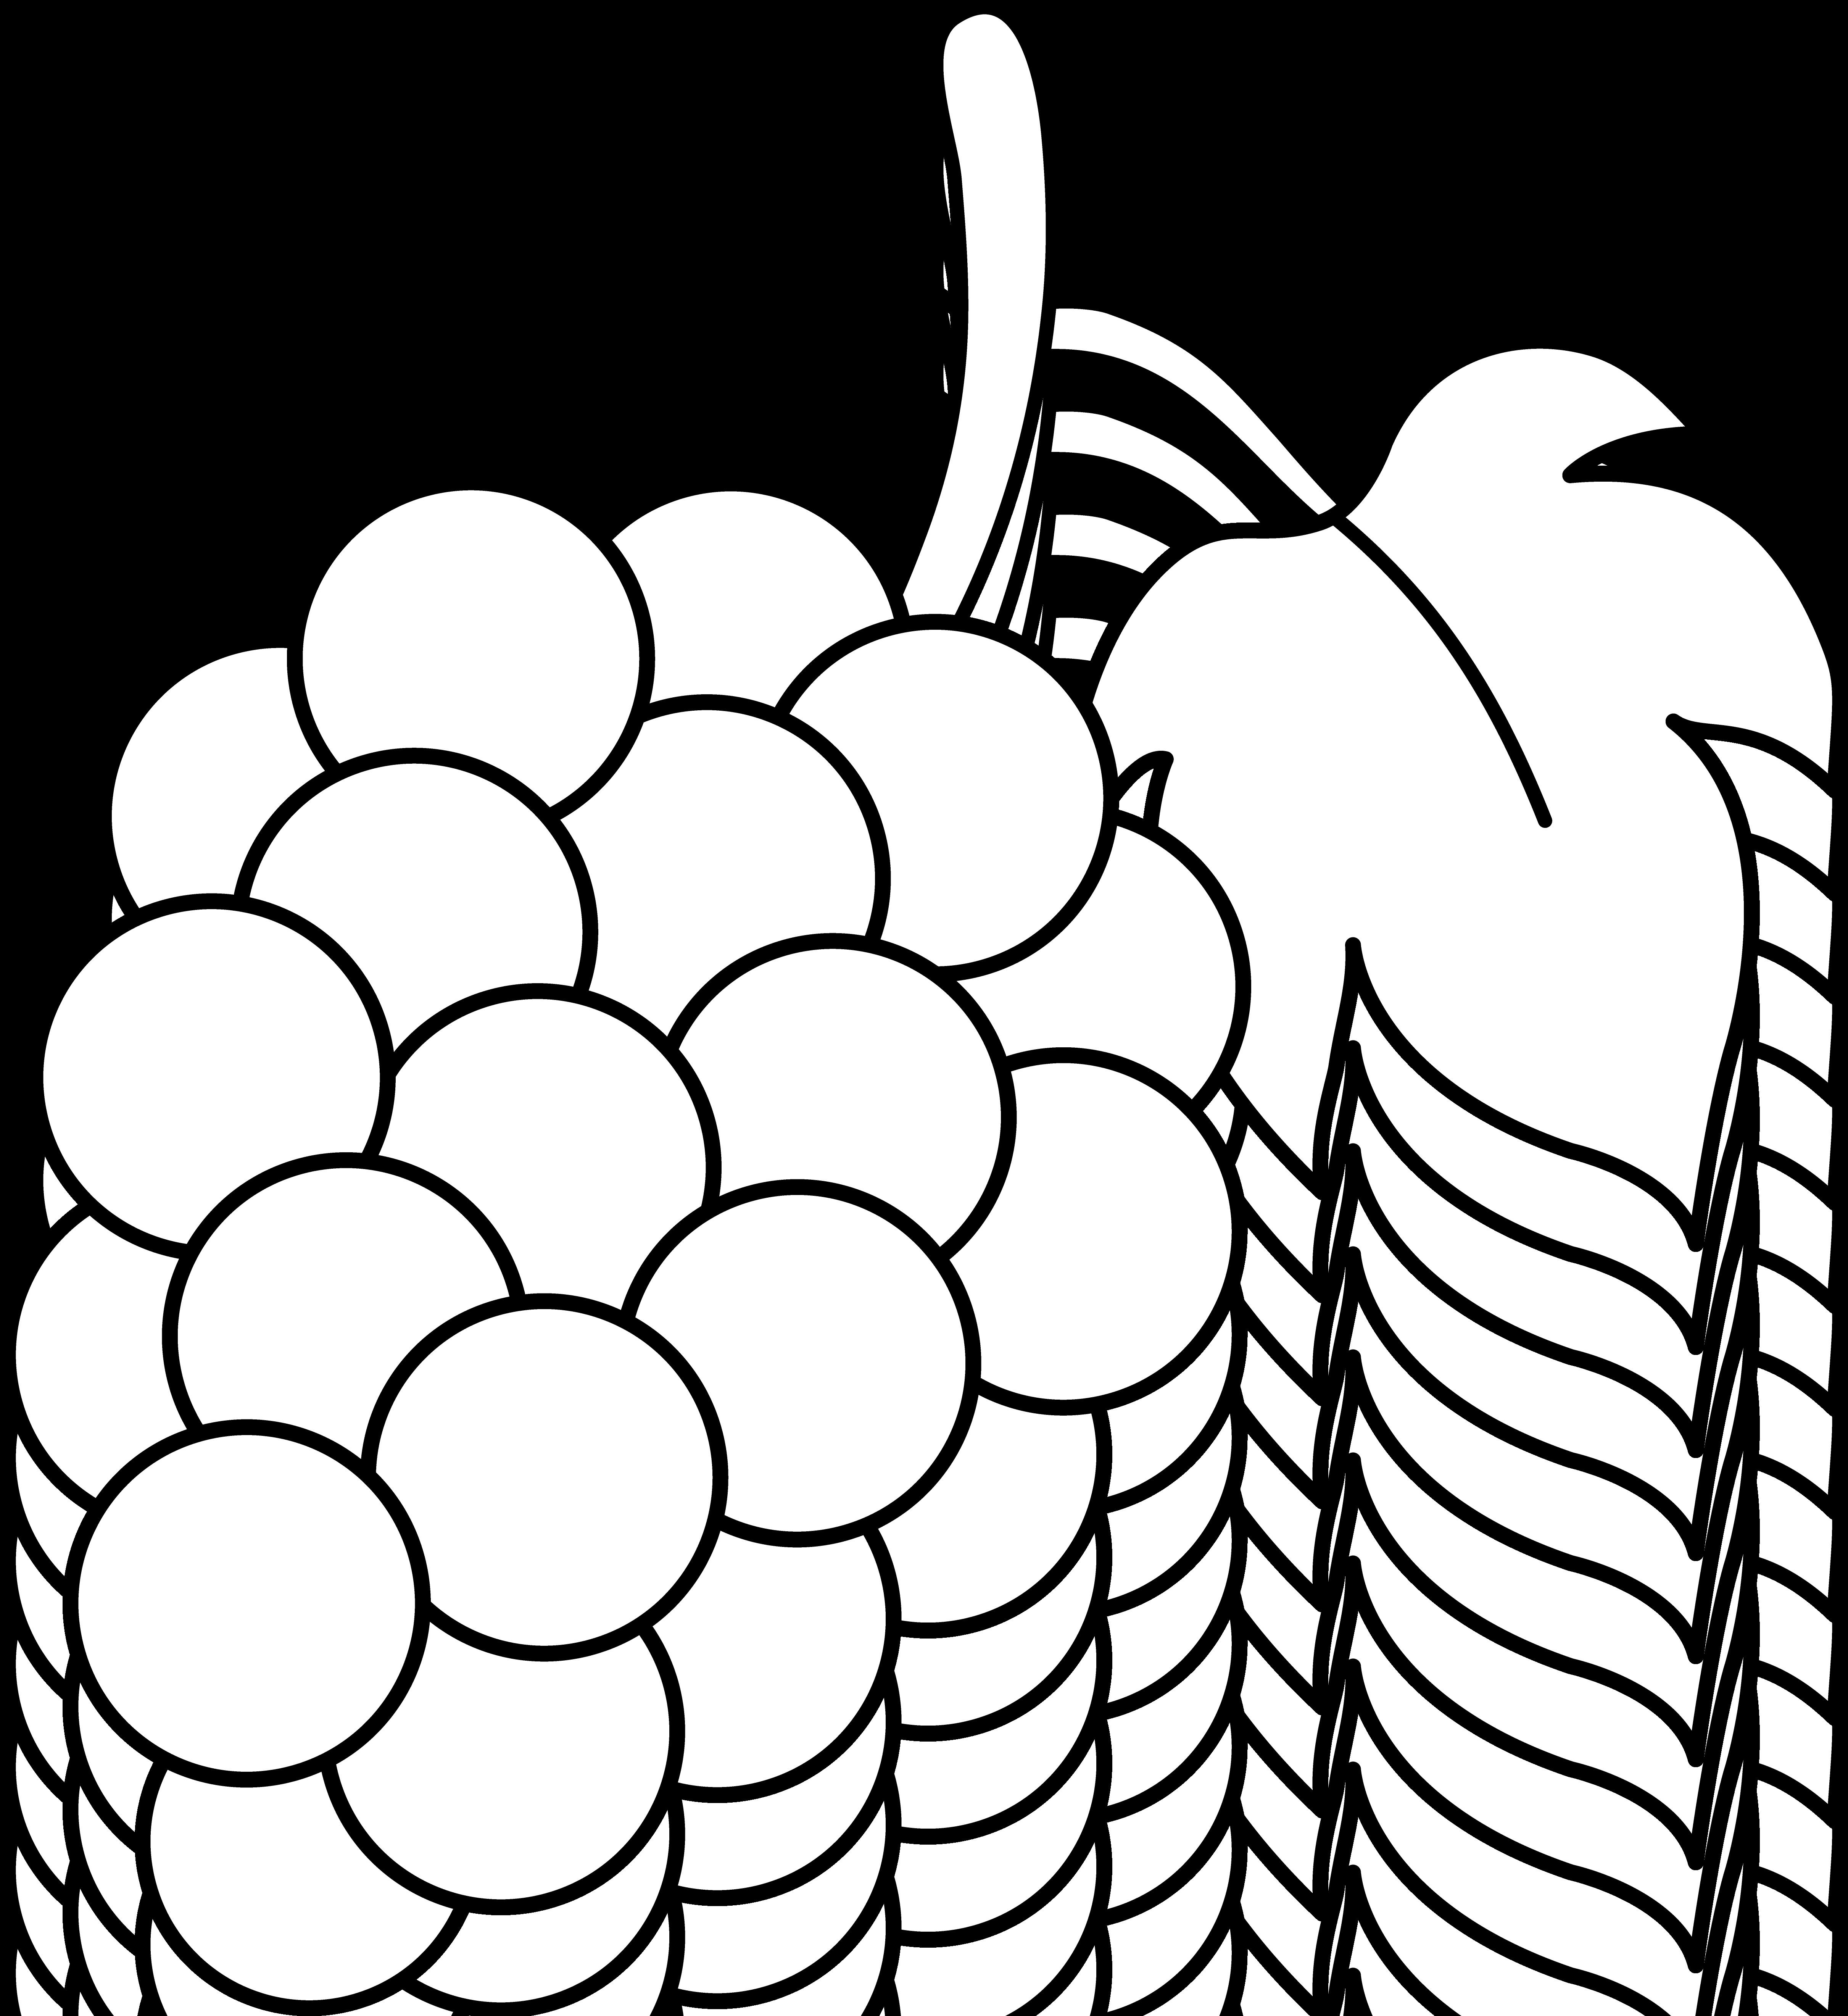 Flower vine clipart black and white banner royalty free Vine Clipart Black And White | Clipart Panda - Free Clipart Images banner royalty free